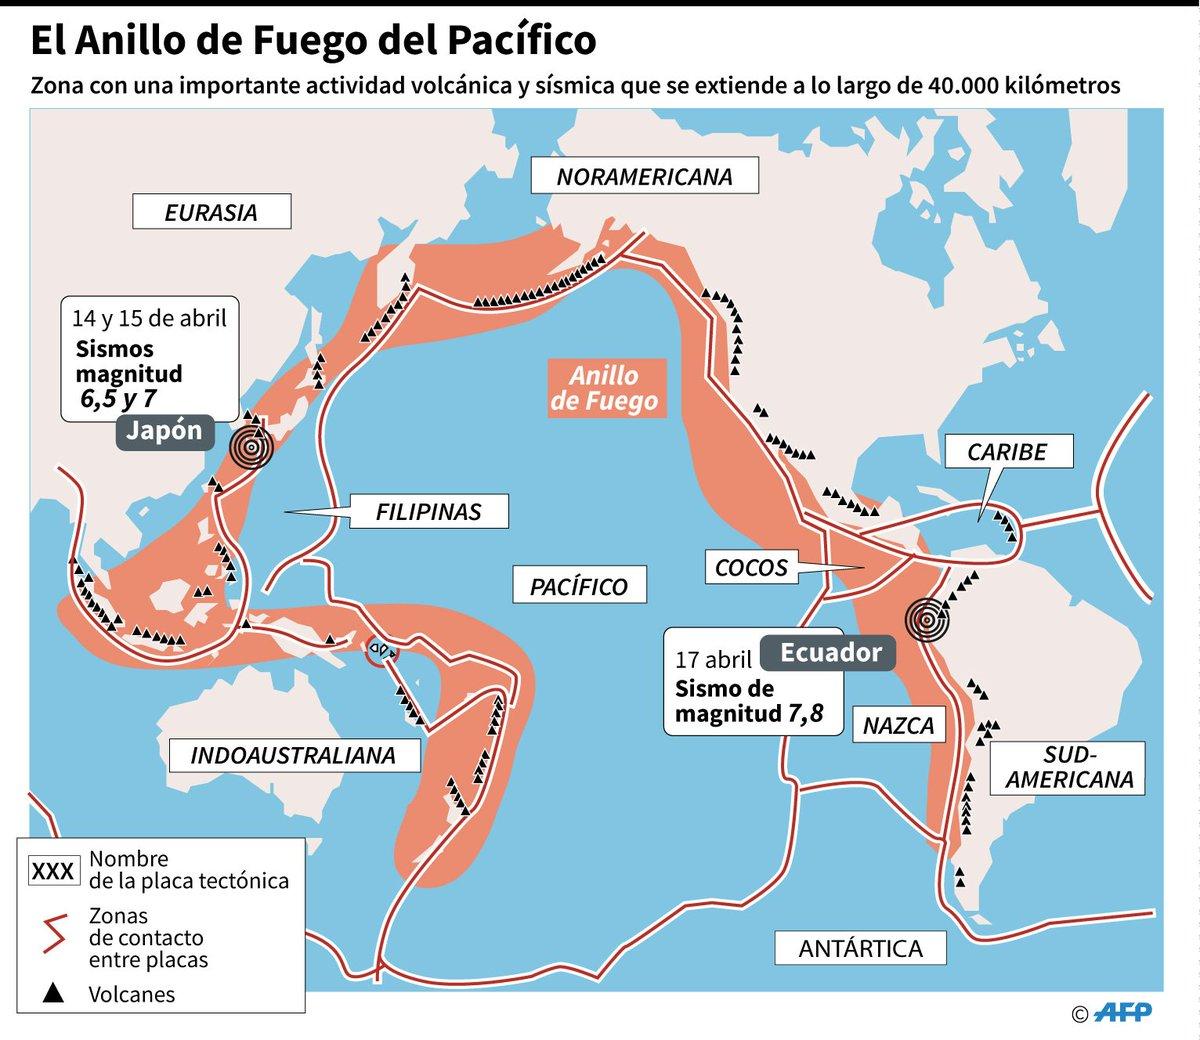 #Terremoto en #Ecuador fue 20 veces más fuerte que el de Japón, según experto inglés ► https://t.co/K1gVWDMe0n https://t.co/RrTjFhTtKE